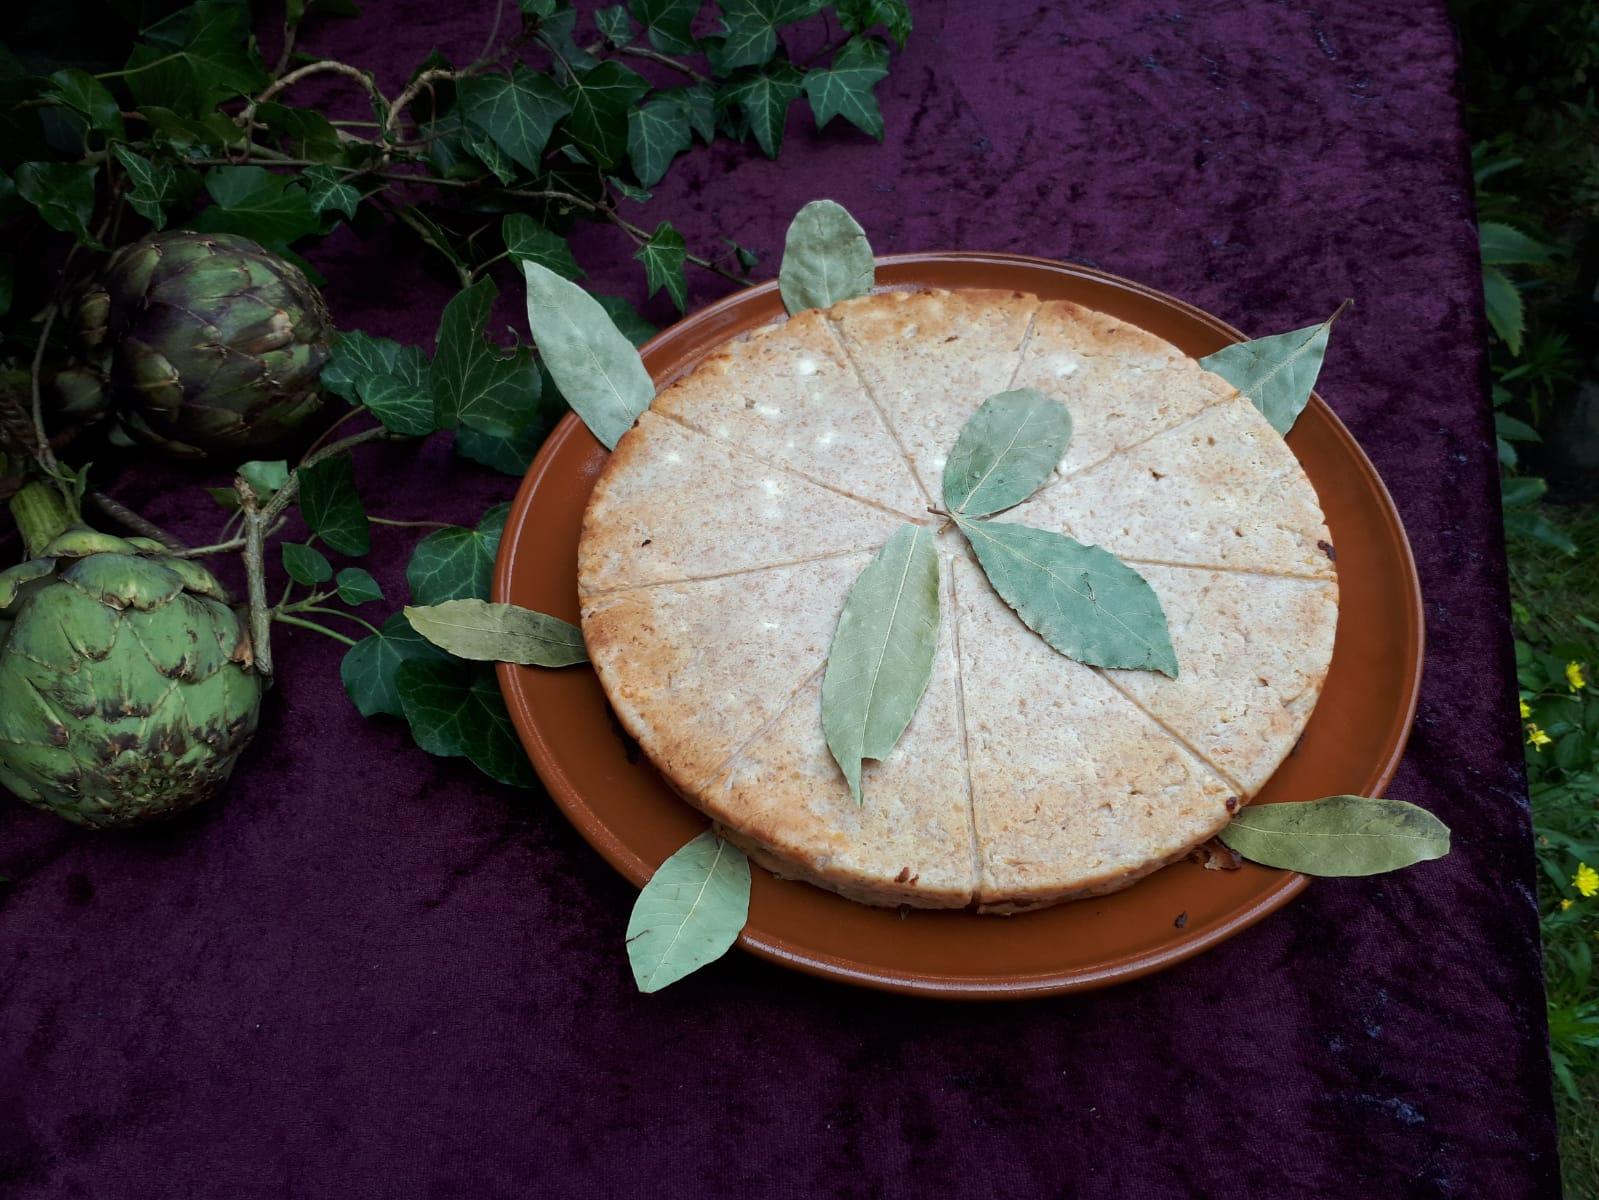 Offerbrood, mogelijk recept nieuwe kookboek